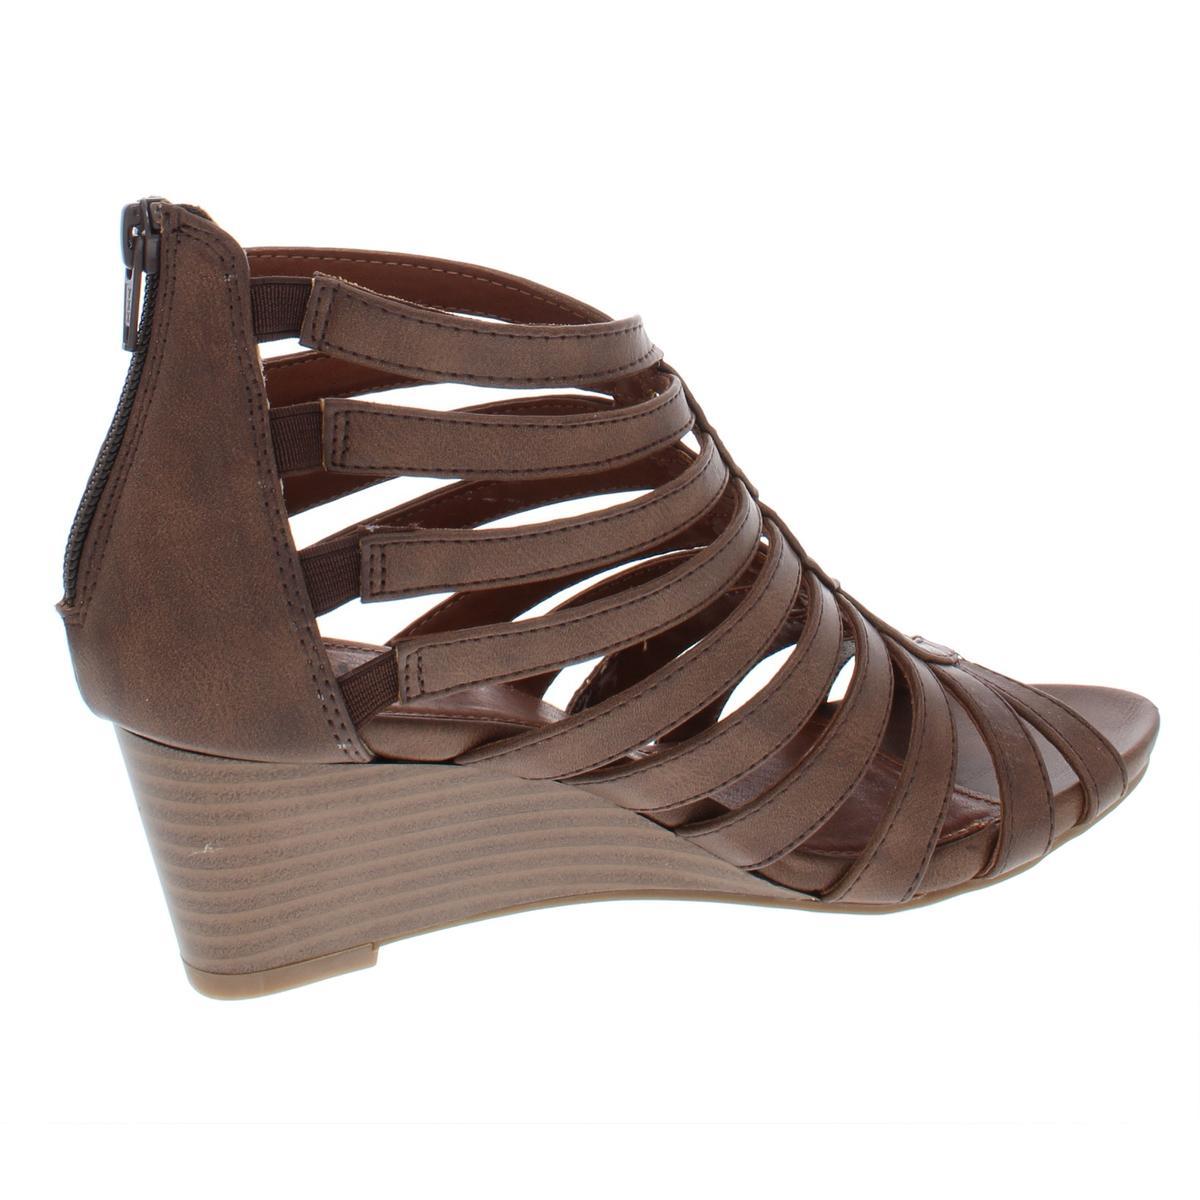 Falaises par White Mountain pour femme Victoria en cage Wedge Sandales Chaussures BHFO 5165